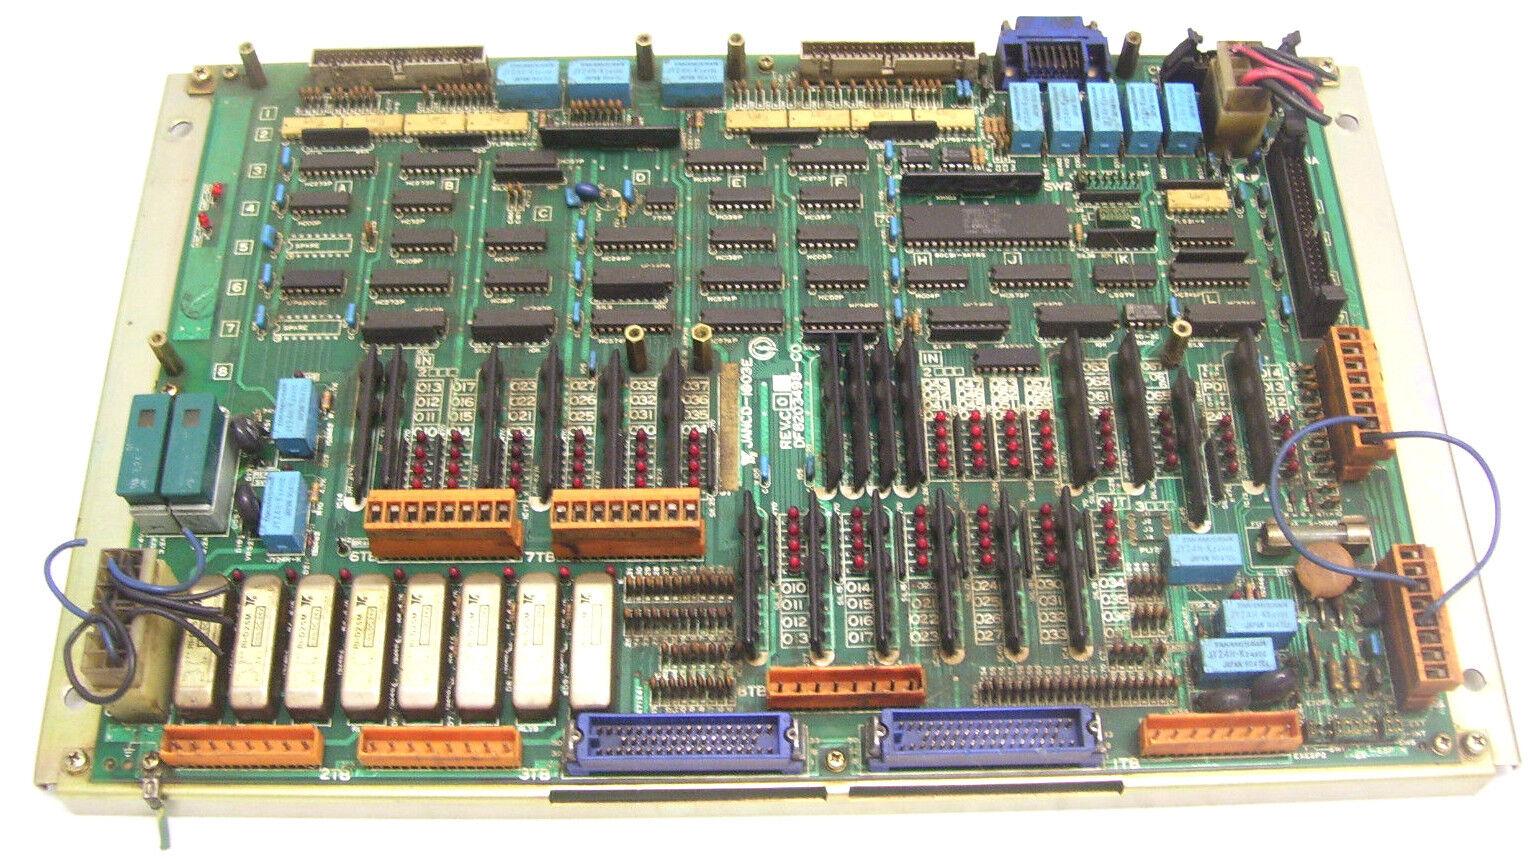 YASKAWA PC BOARD JANCD-10O3E JANCD-1003E  DF8203498-C0 REV. C0  60 Day Warranty